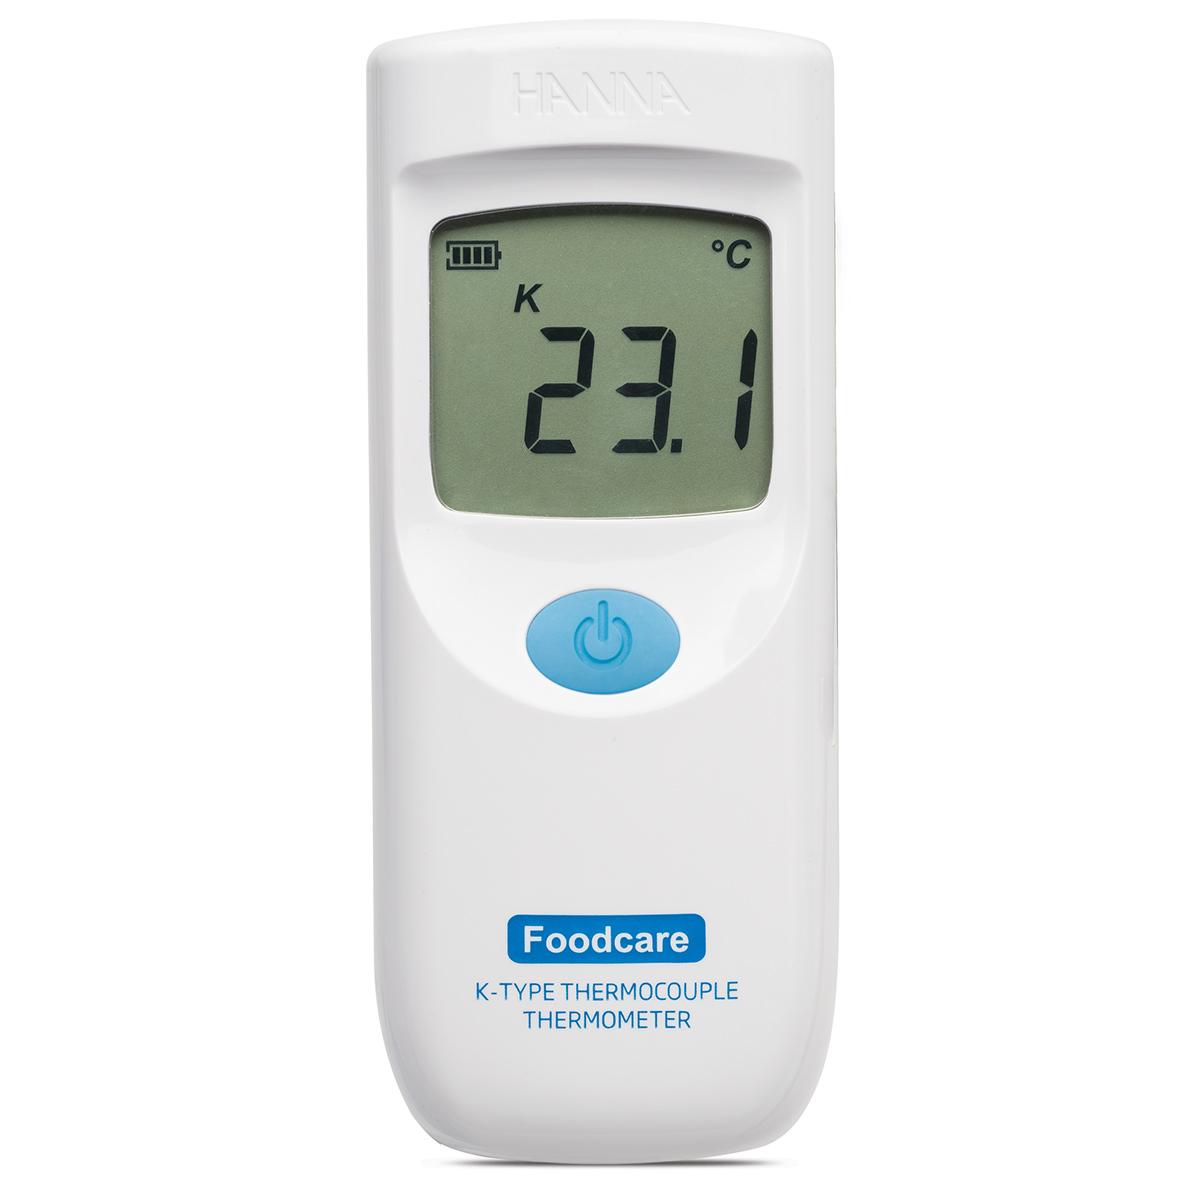 Termometru cu termocuplu de tip K și sondă etașabilă Foodcare - HI935001